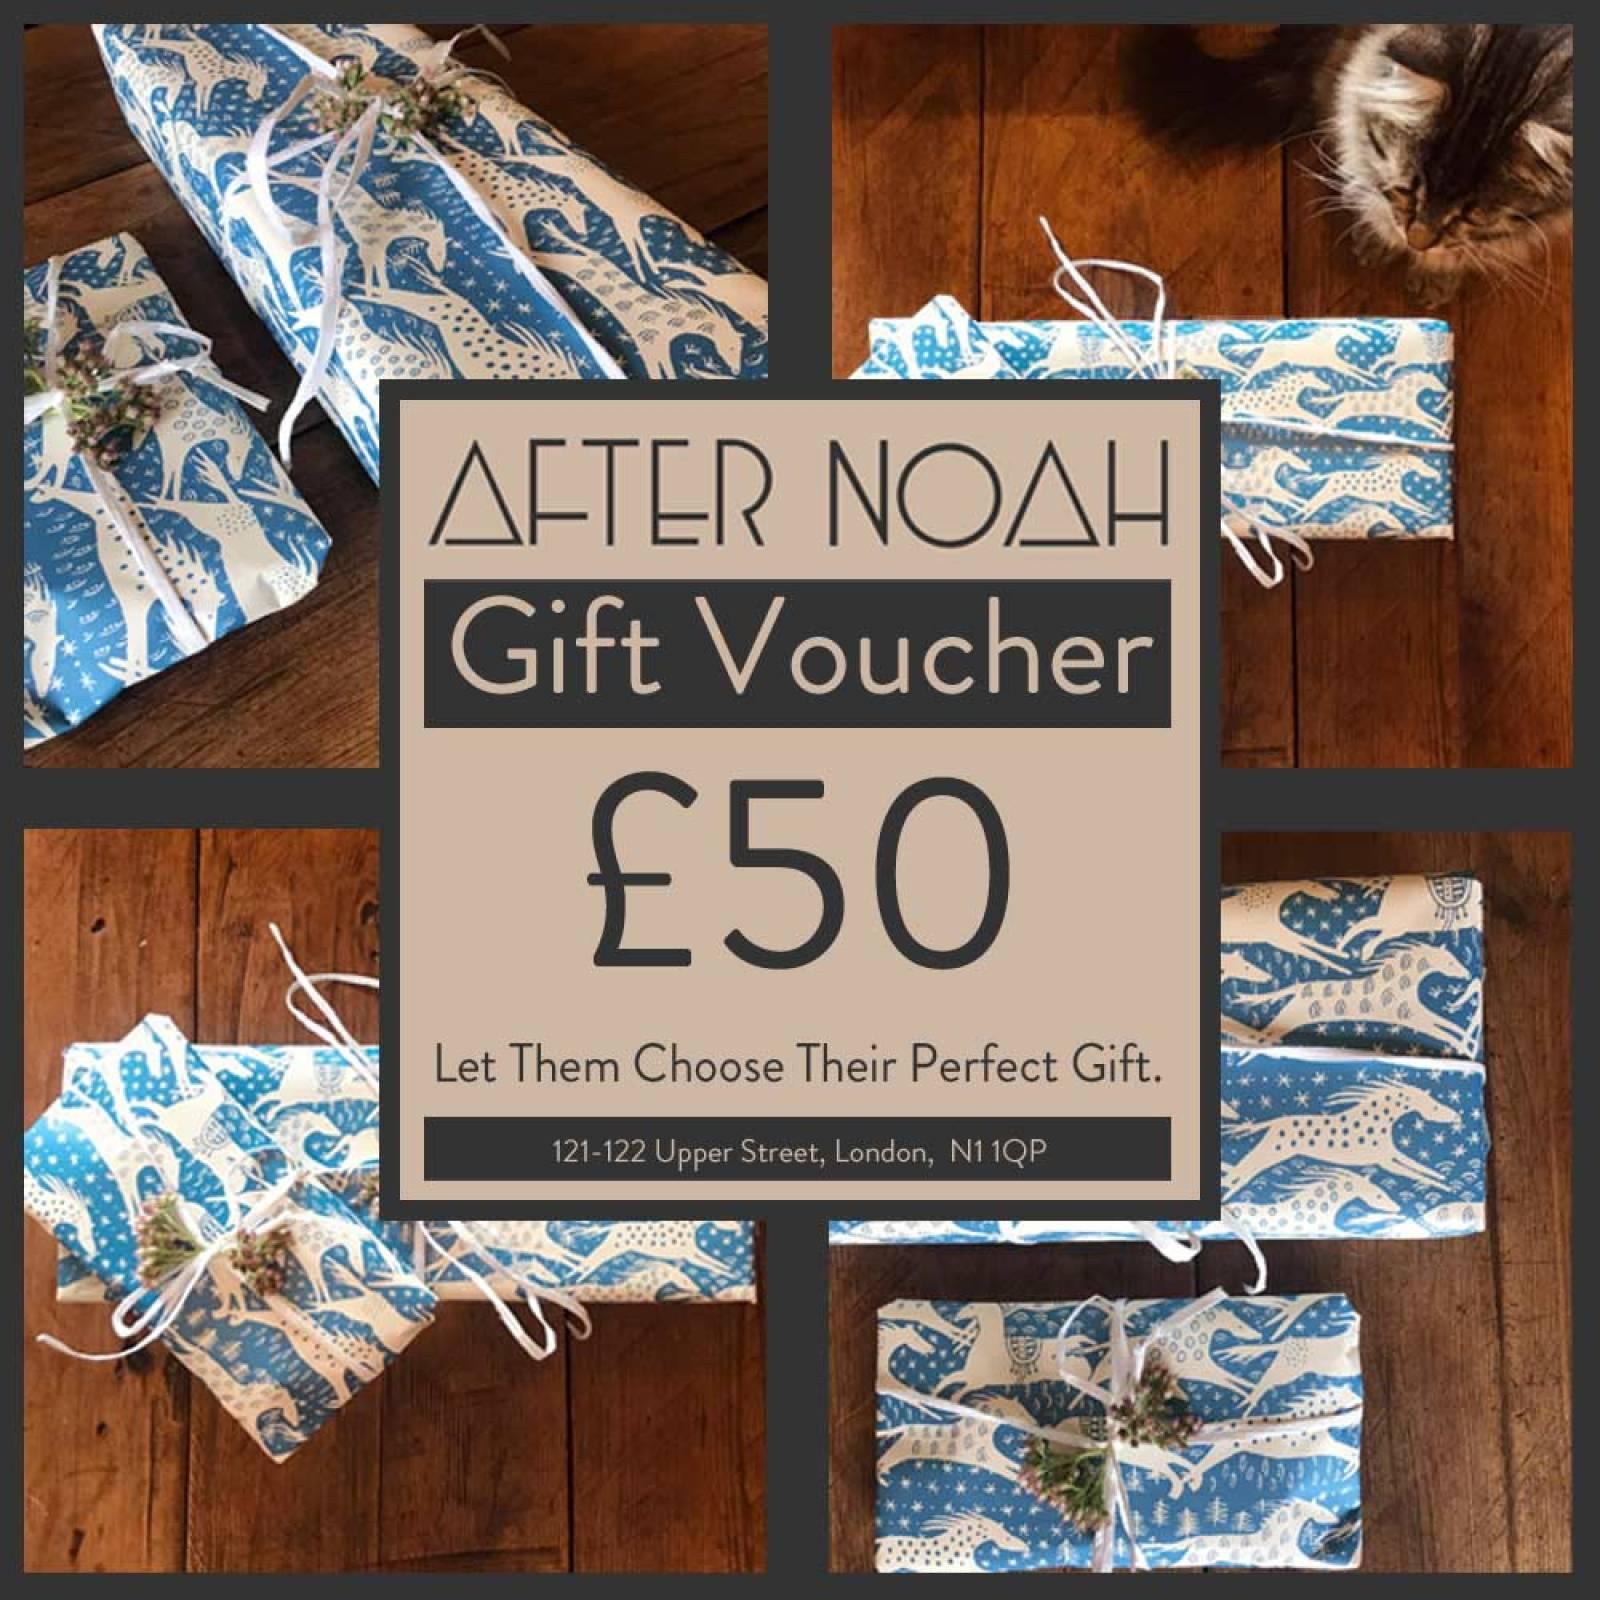 After Noah £50 Gift Voucher